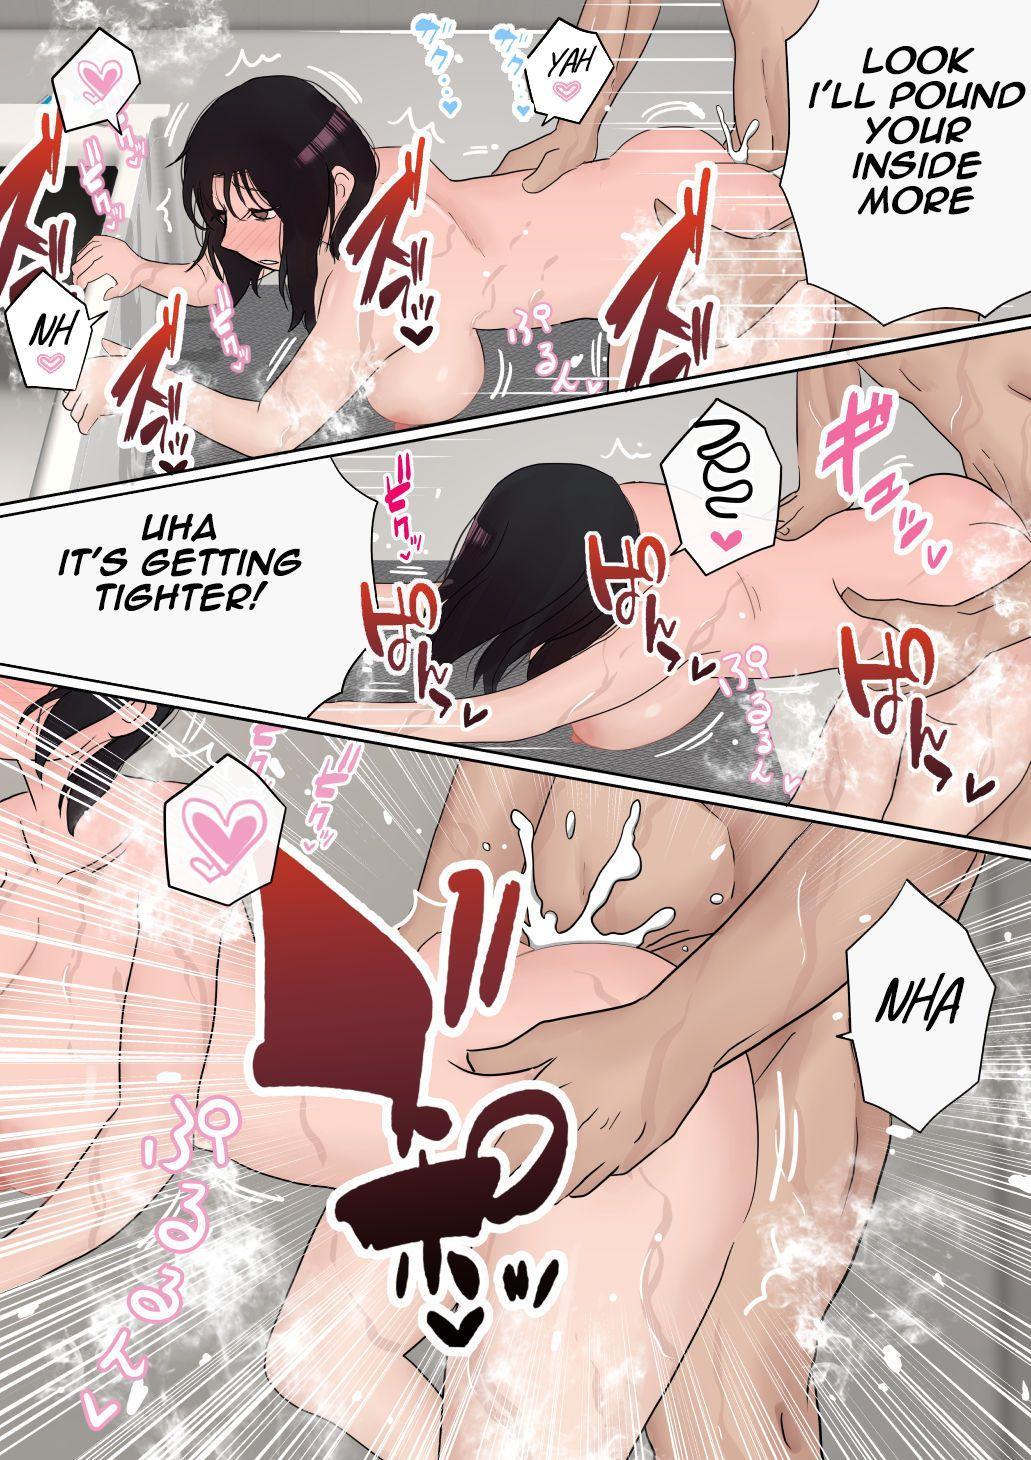 Ore no Kyonyuu Kanojo ga, Yarichin to Ofuro ni Hairu Koto ni NTR 2 | My big boobs girlfriend is take a shower with playboy NTR 2 52